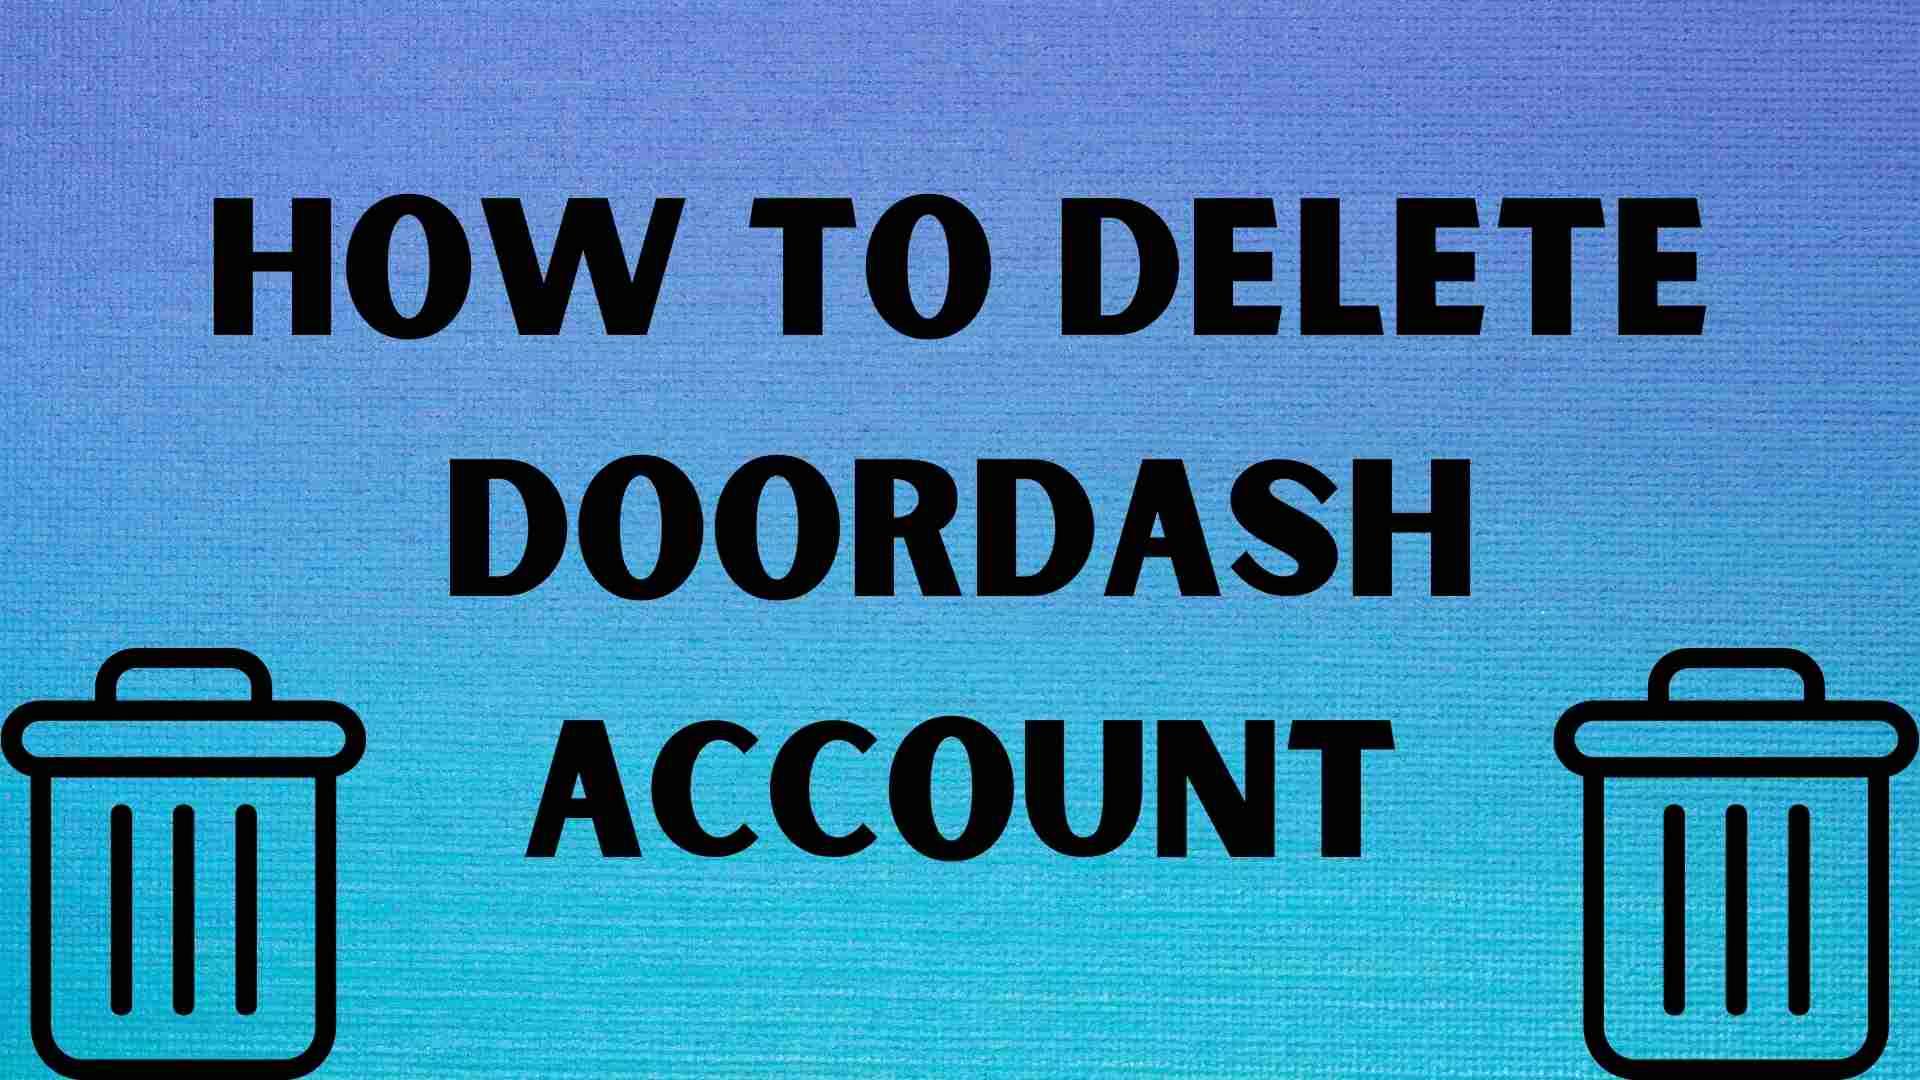 How to Delete DoorDash Account